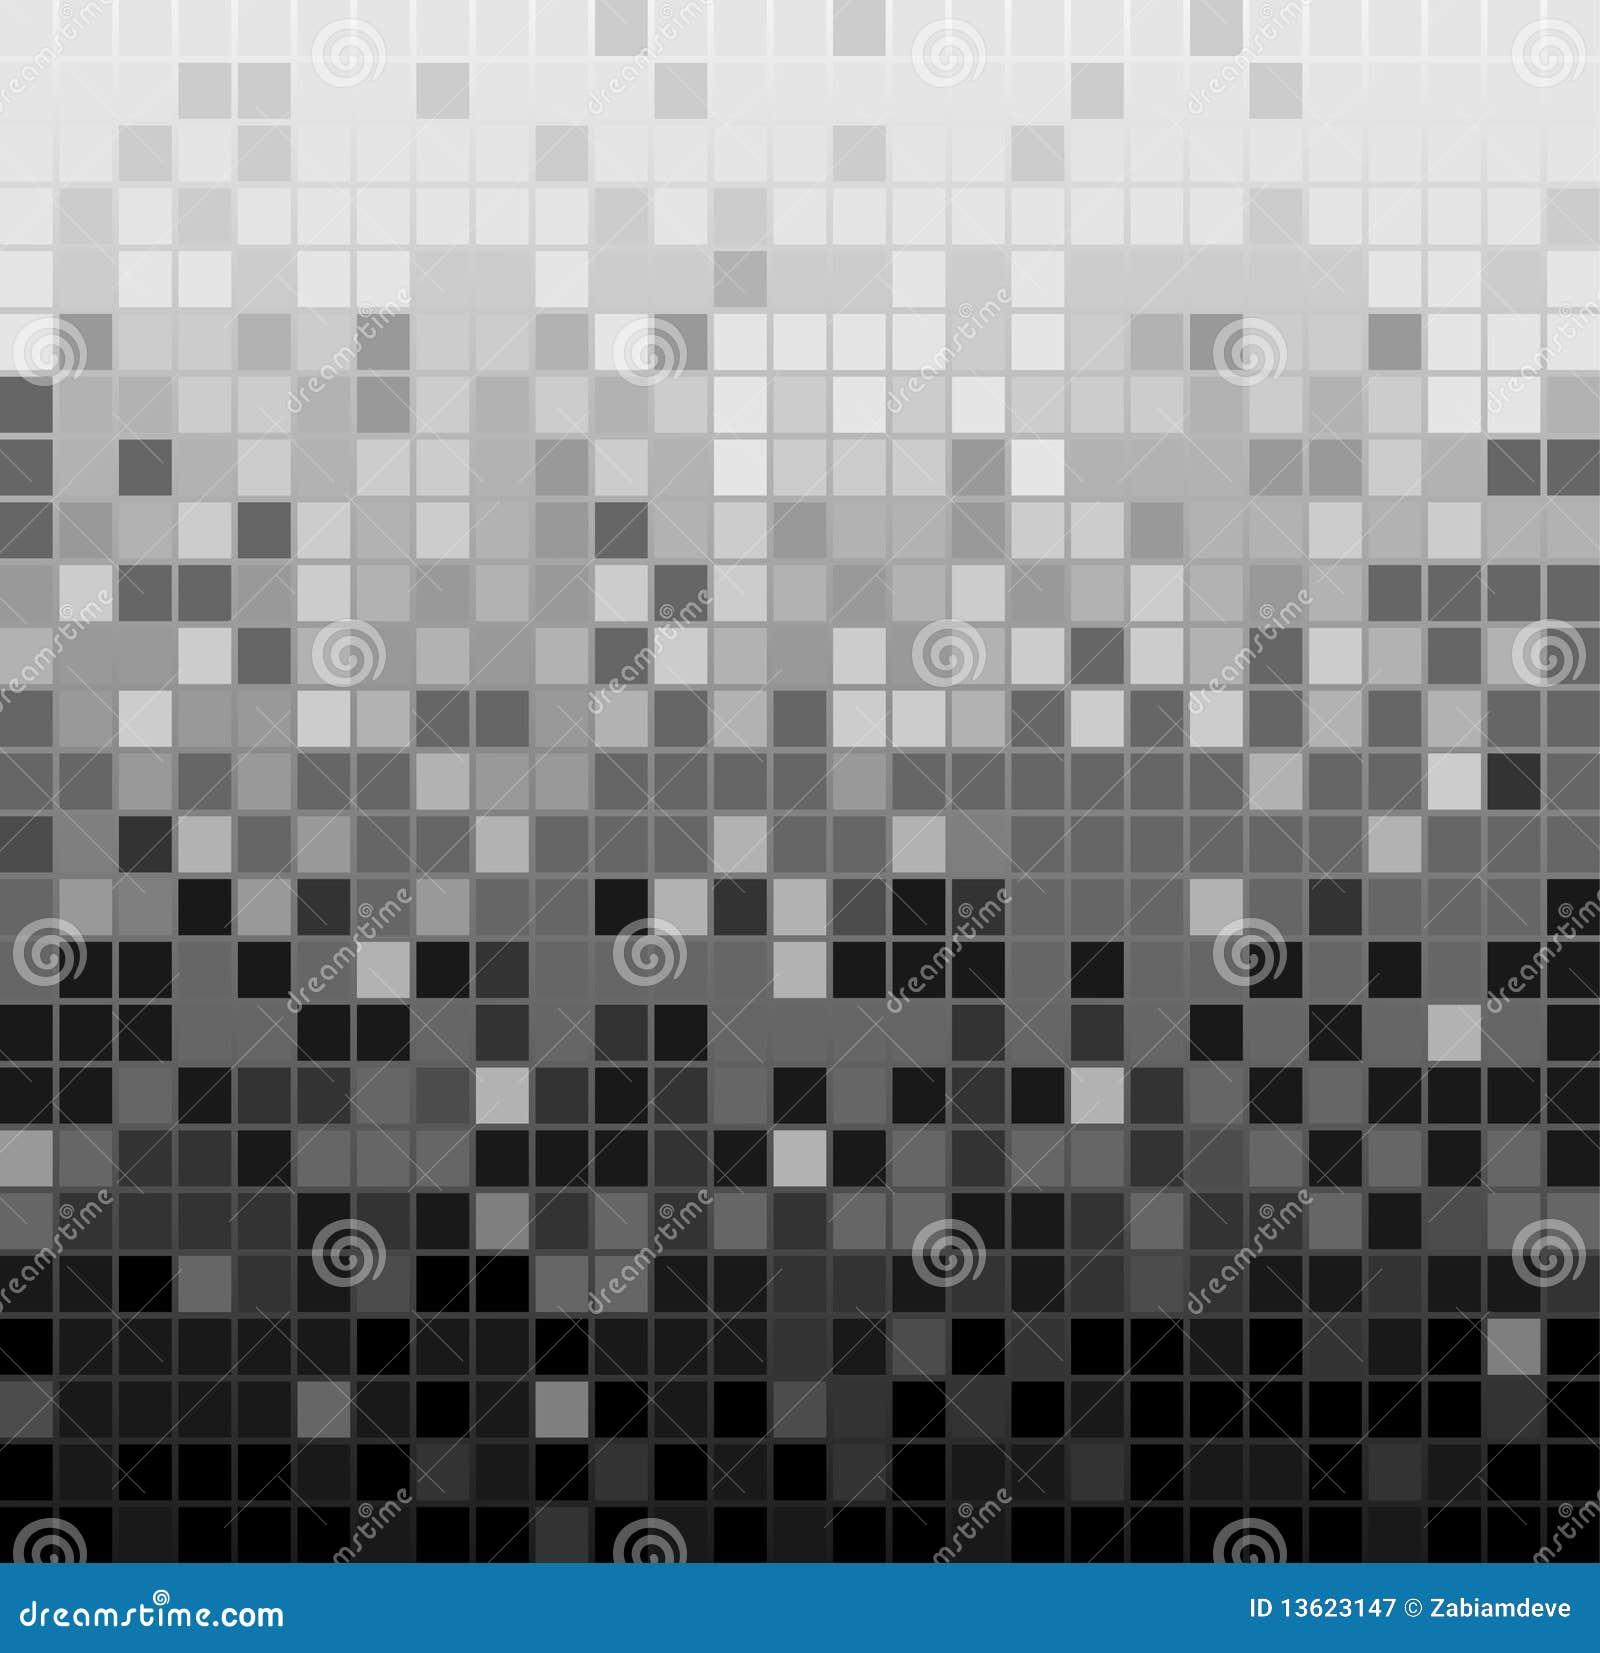 抽象方形象素马赛克背景